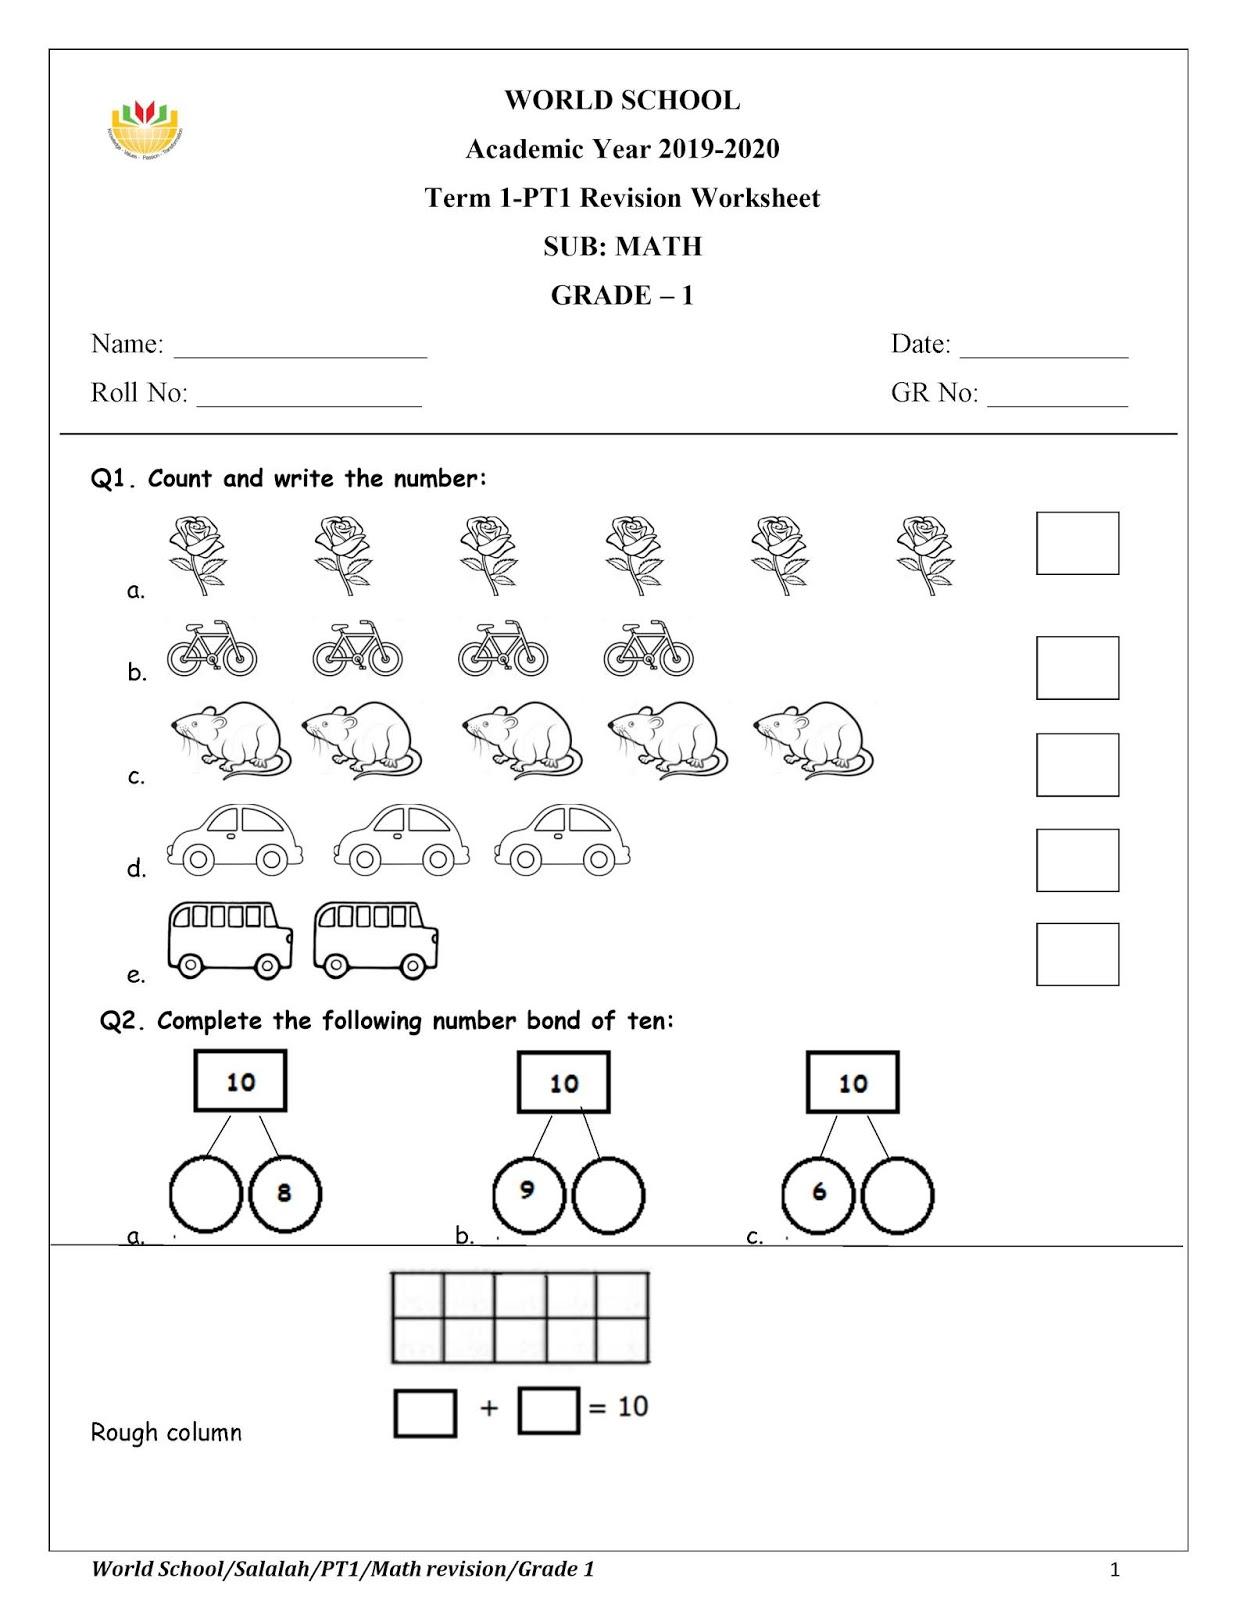 Birla World School Oman Revision Worksheet For Grade 1 As